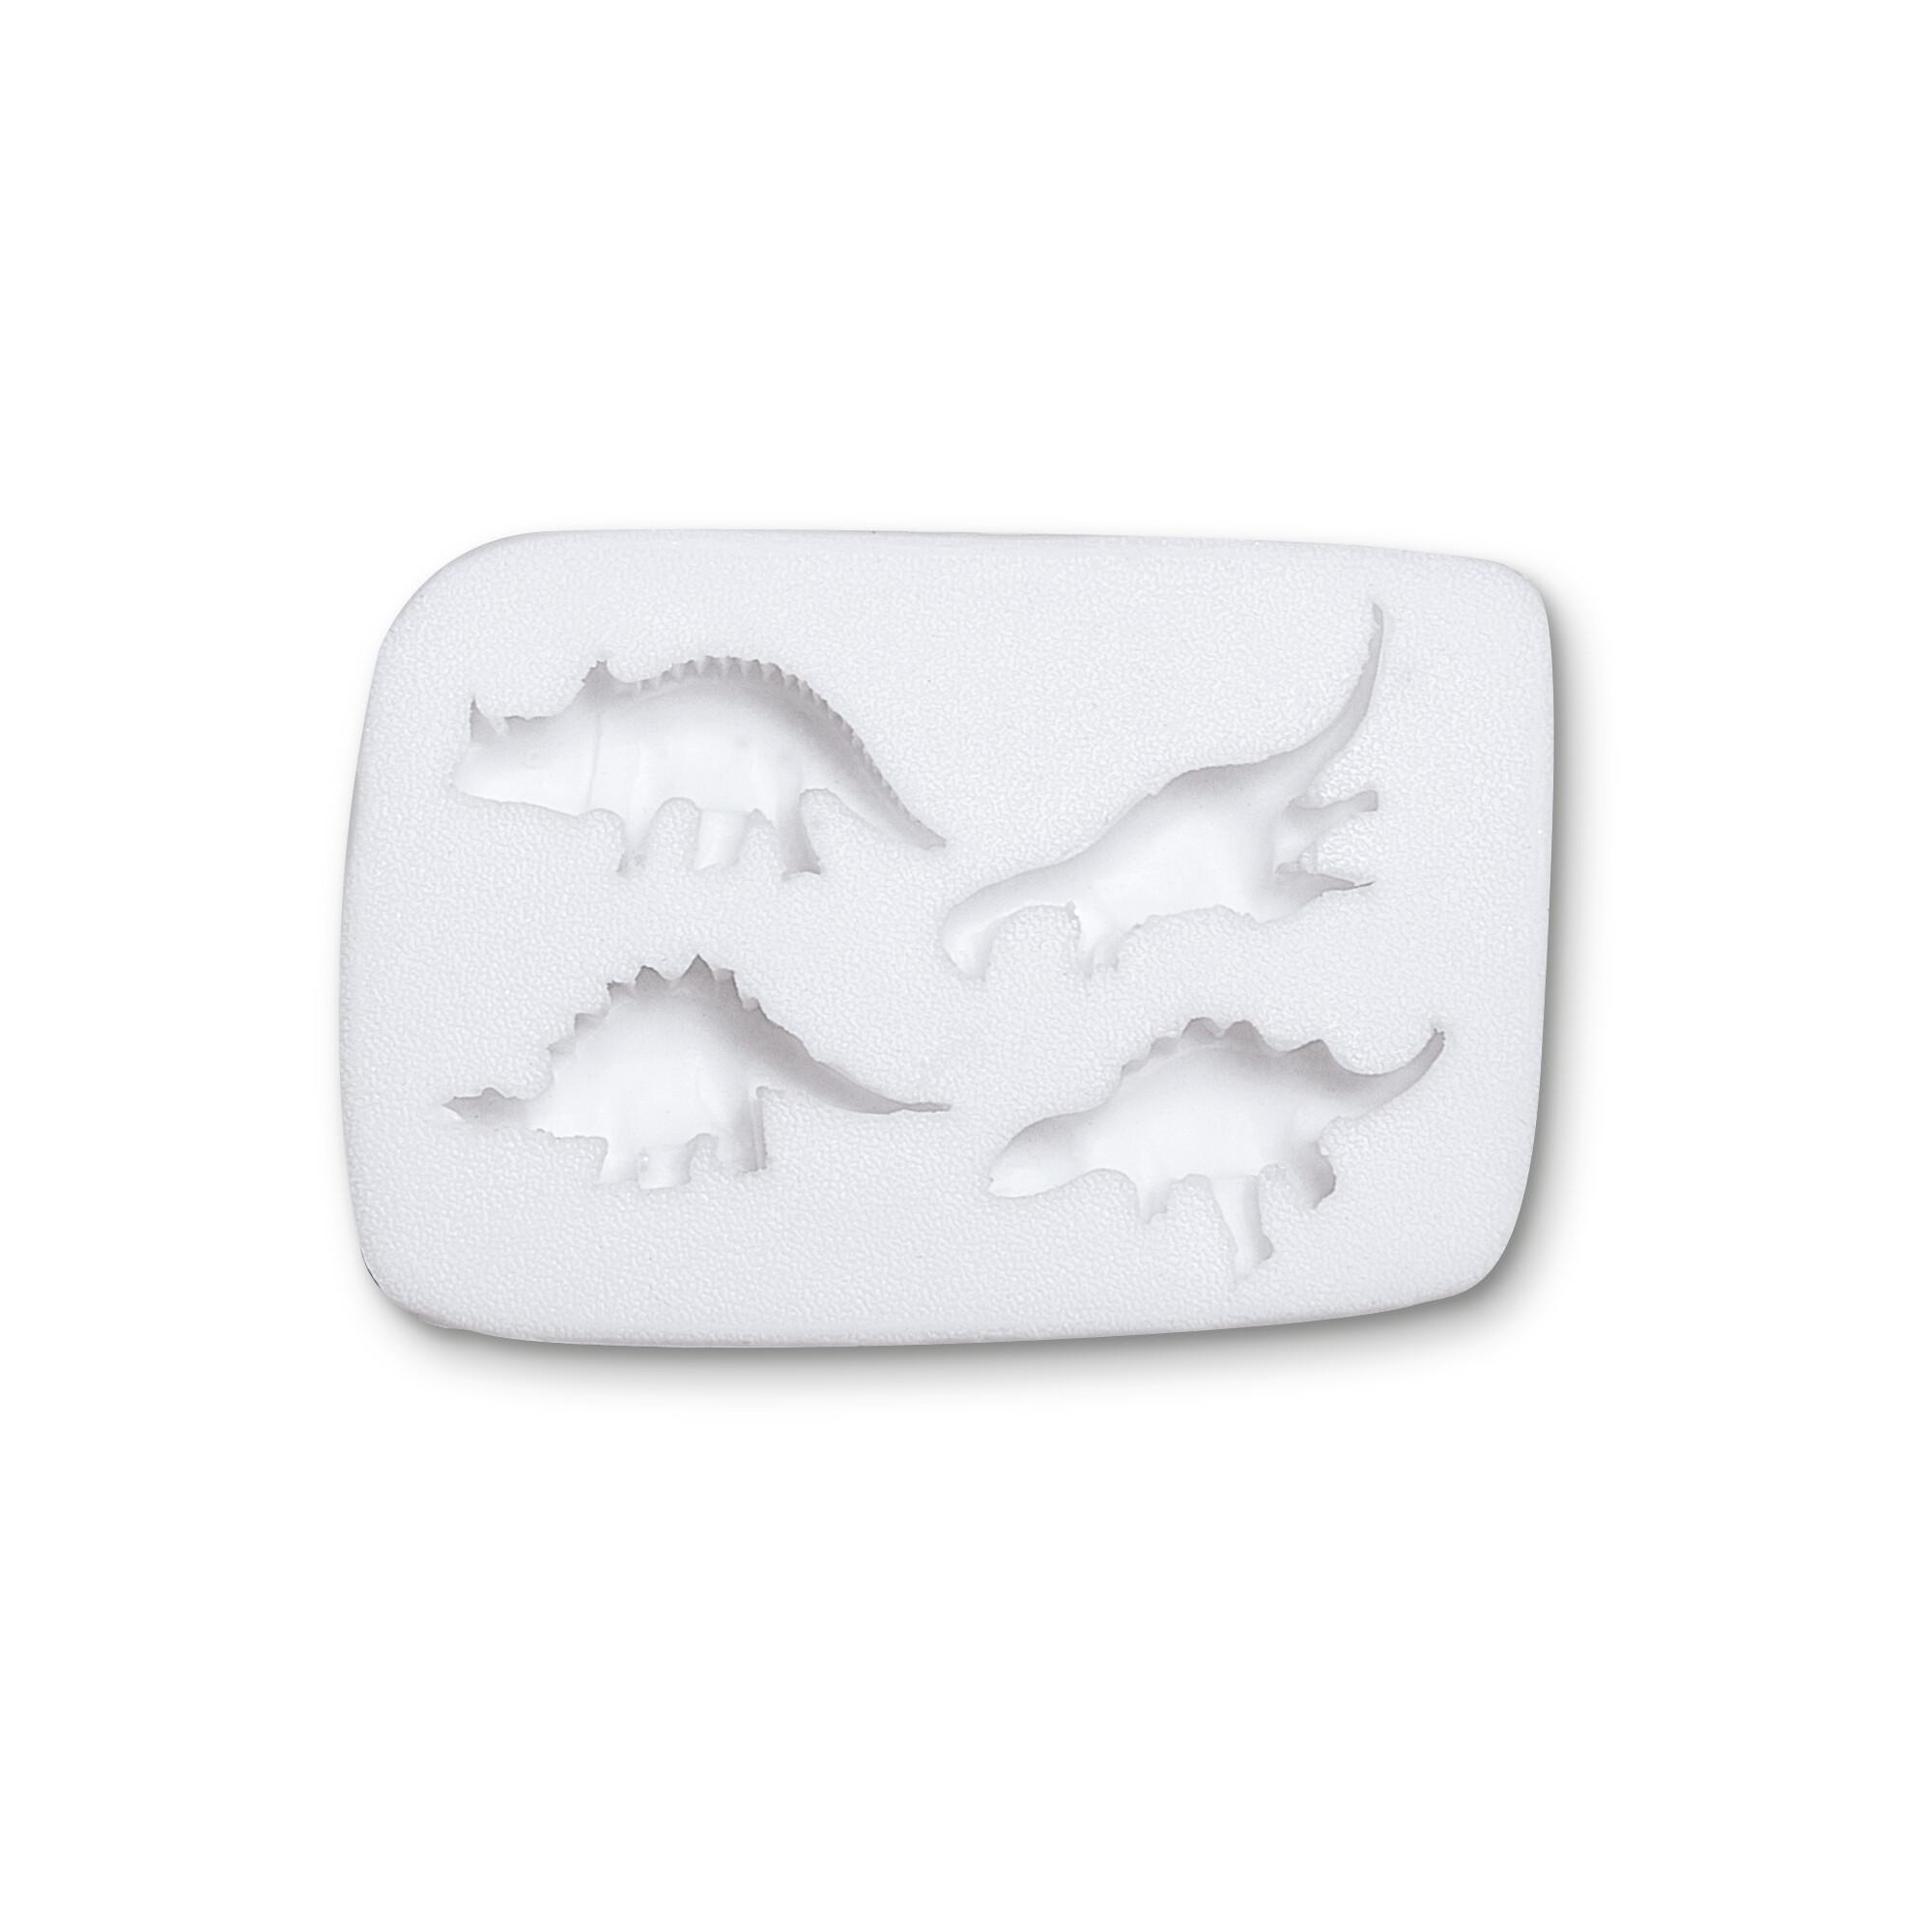 Fondant mould - Dinosaur - 4s relief form